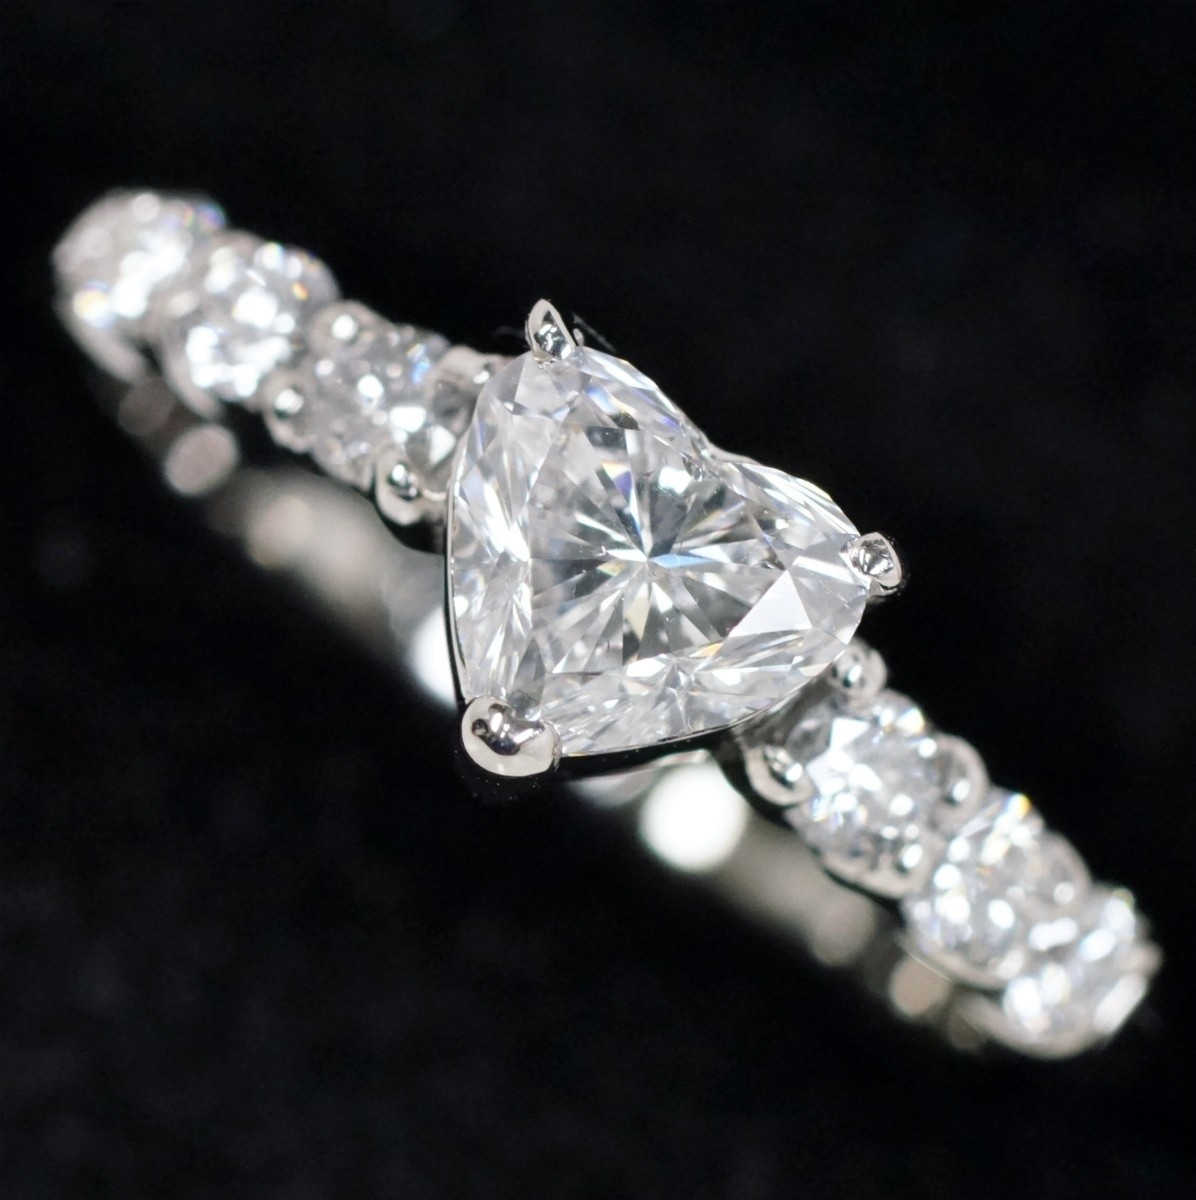 ハートシェイプカットダイヤモンド0.558ct Eカラー SI2 / ダイヤ0.23ct Pt900 リング_画像1